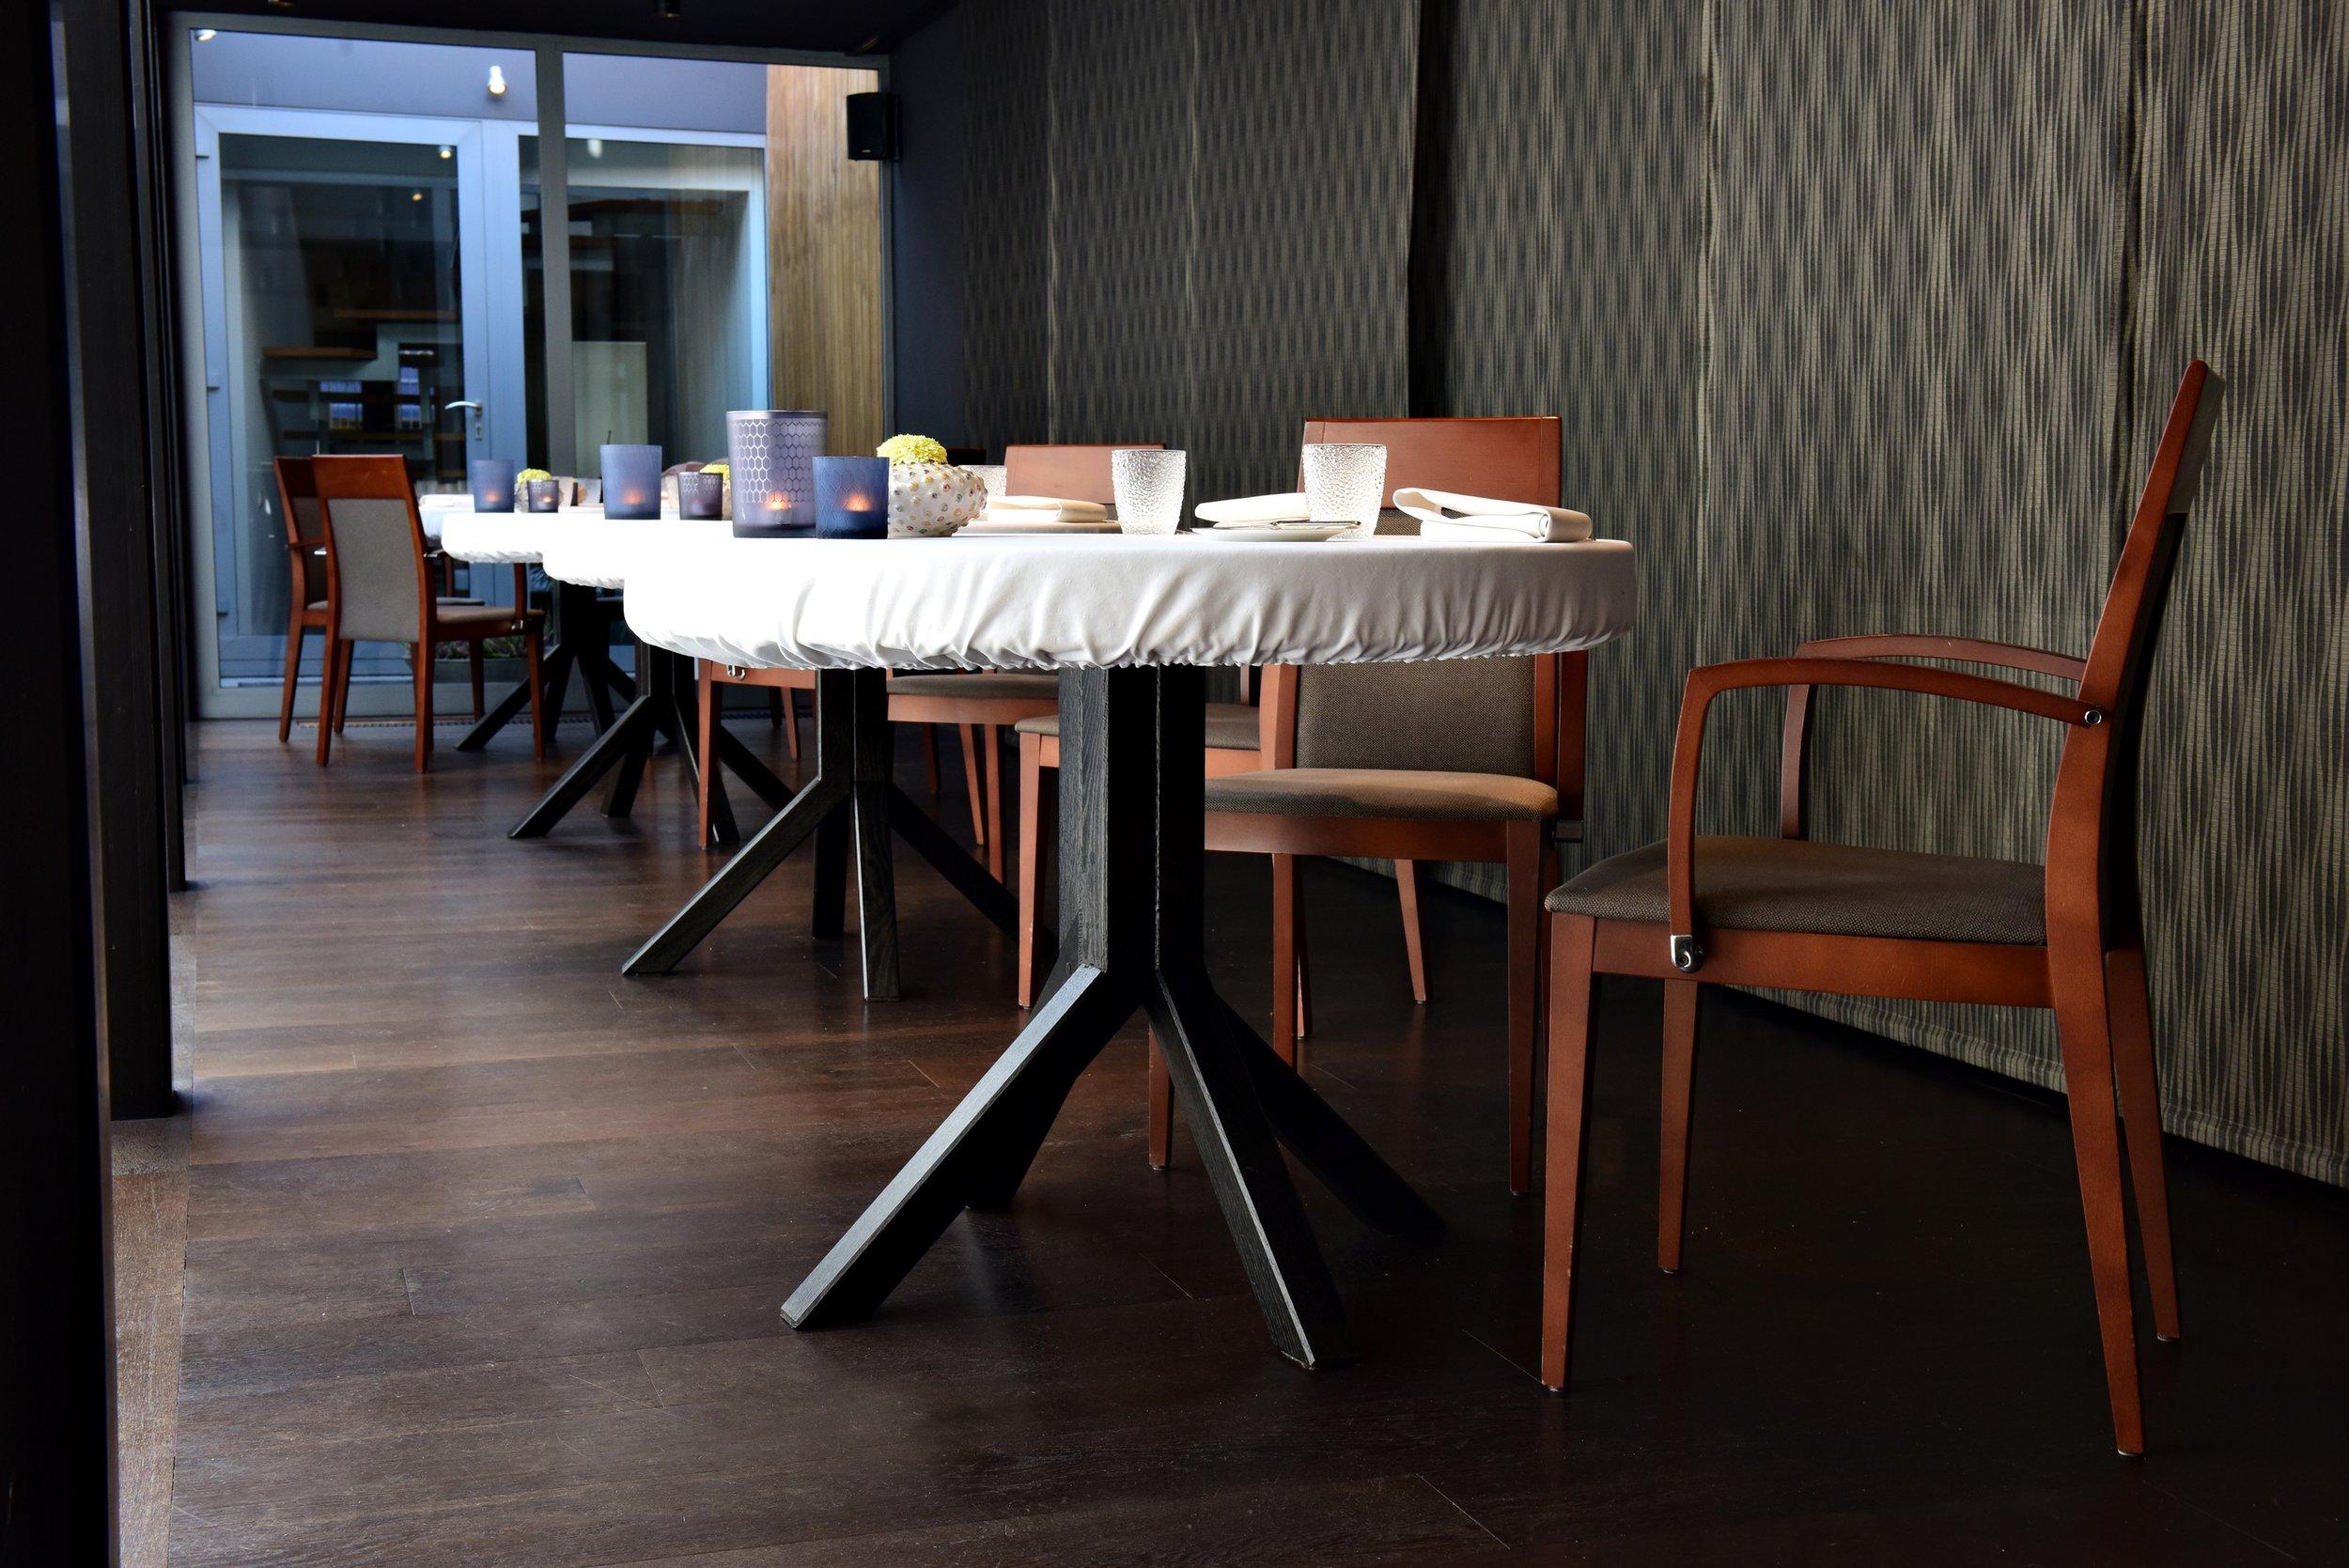 25 restaurant de mijlpaal tongeren bart albrecht culinair food fotograaf tablefever.jpg